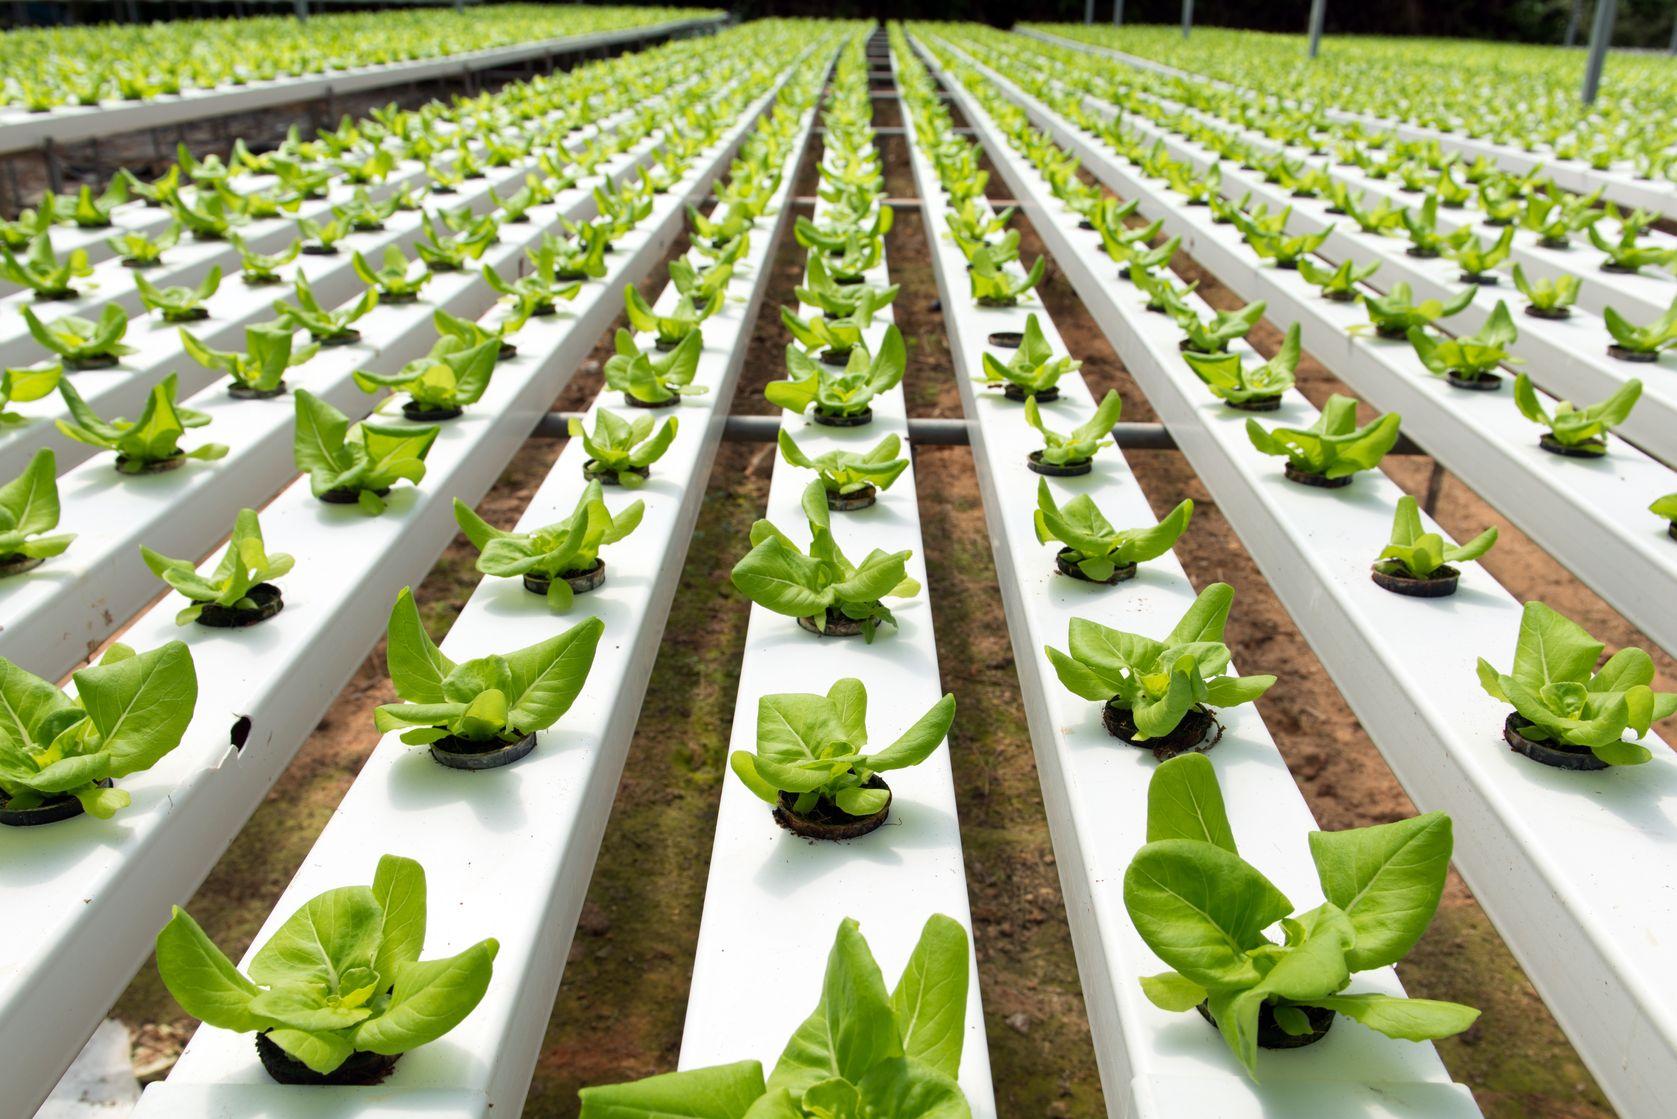 ירקות הידרופונים גדלים בחממה